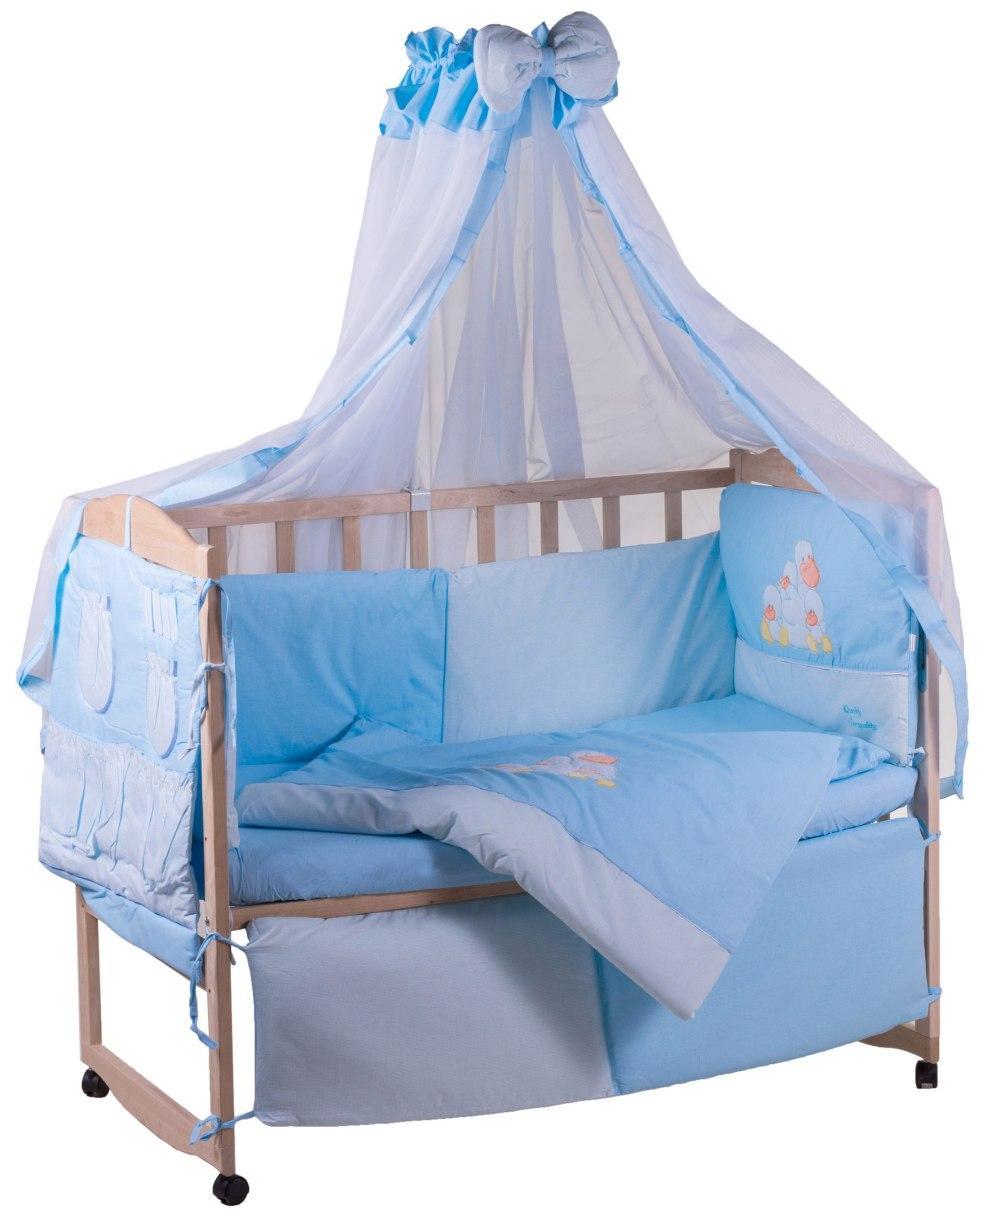 Детская постель Qvatro с аппликацией (8 элем.,со змейками на защите).  голубой (утята)